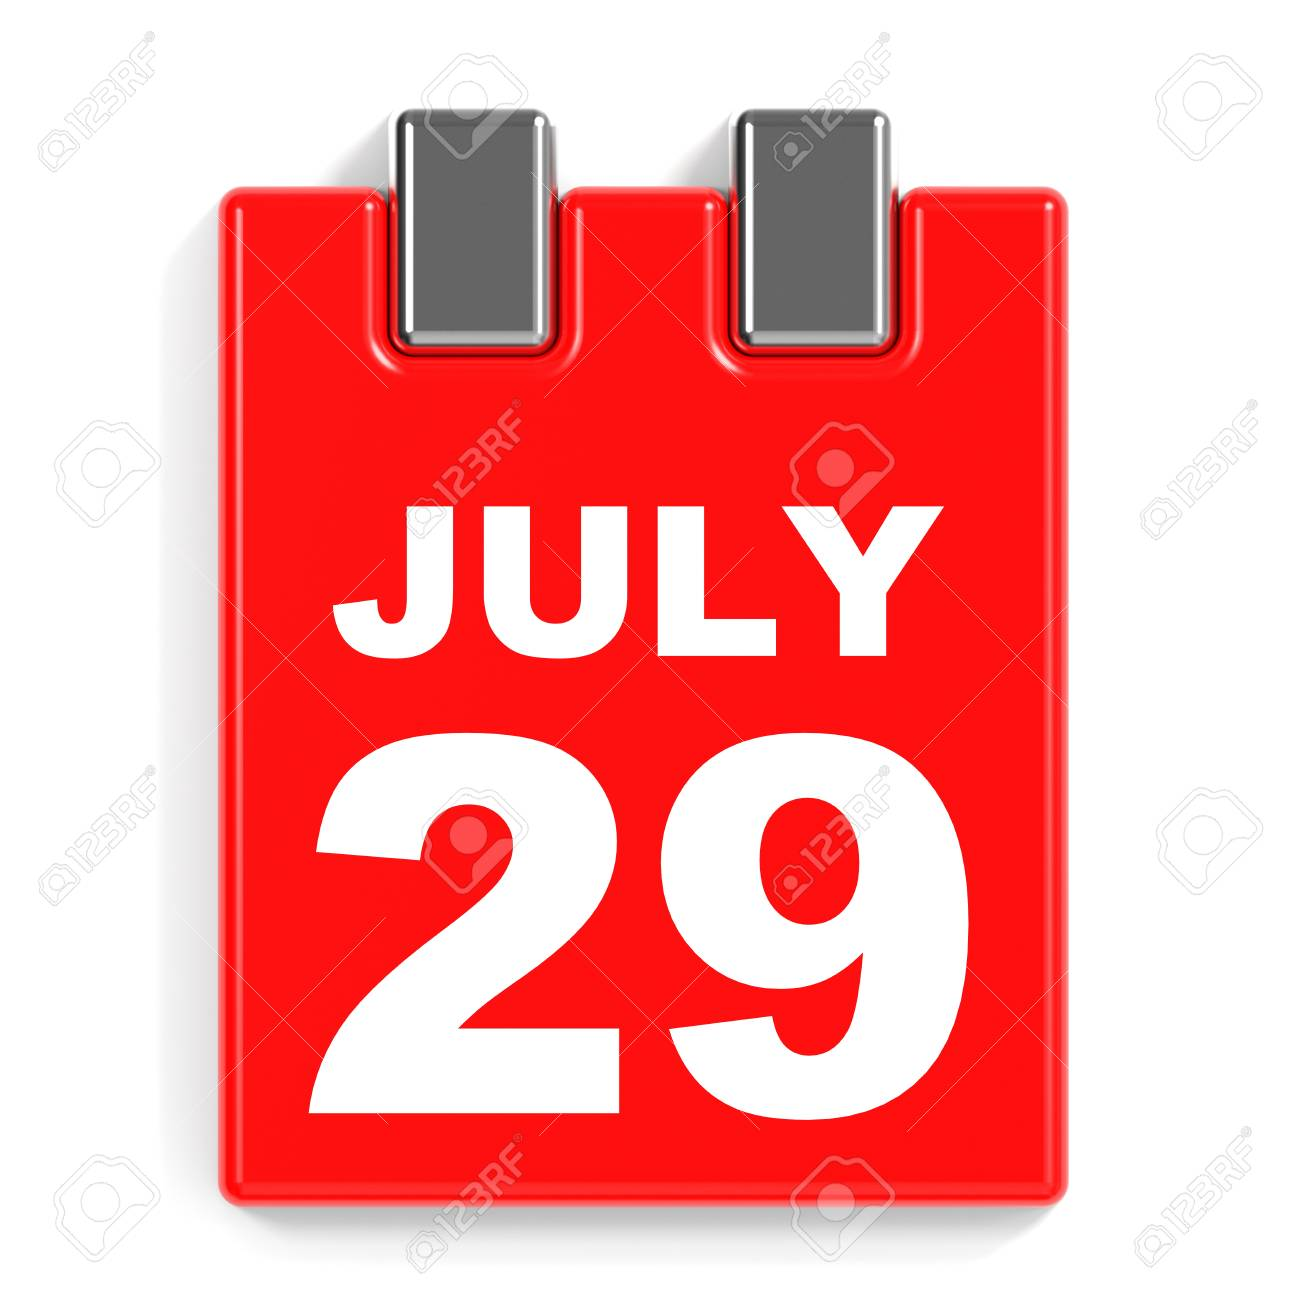 Calendario Julio 1976.29 De Julio De Calendario En El Fondo Blanco Ilustracion 3d